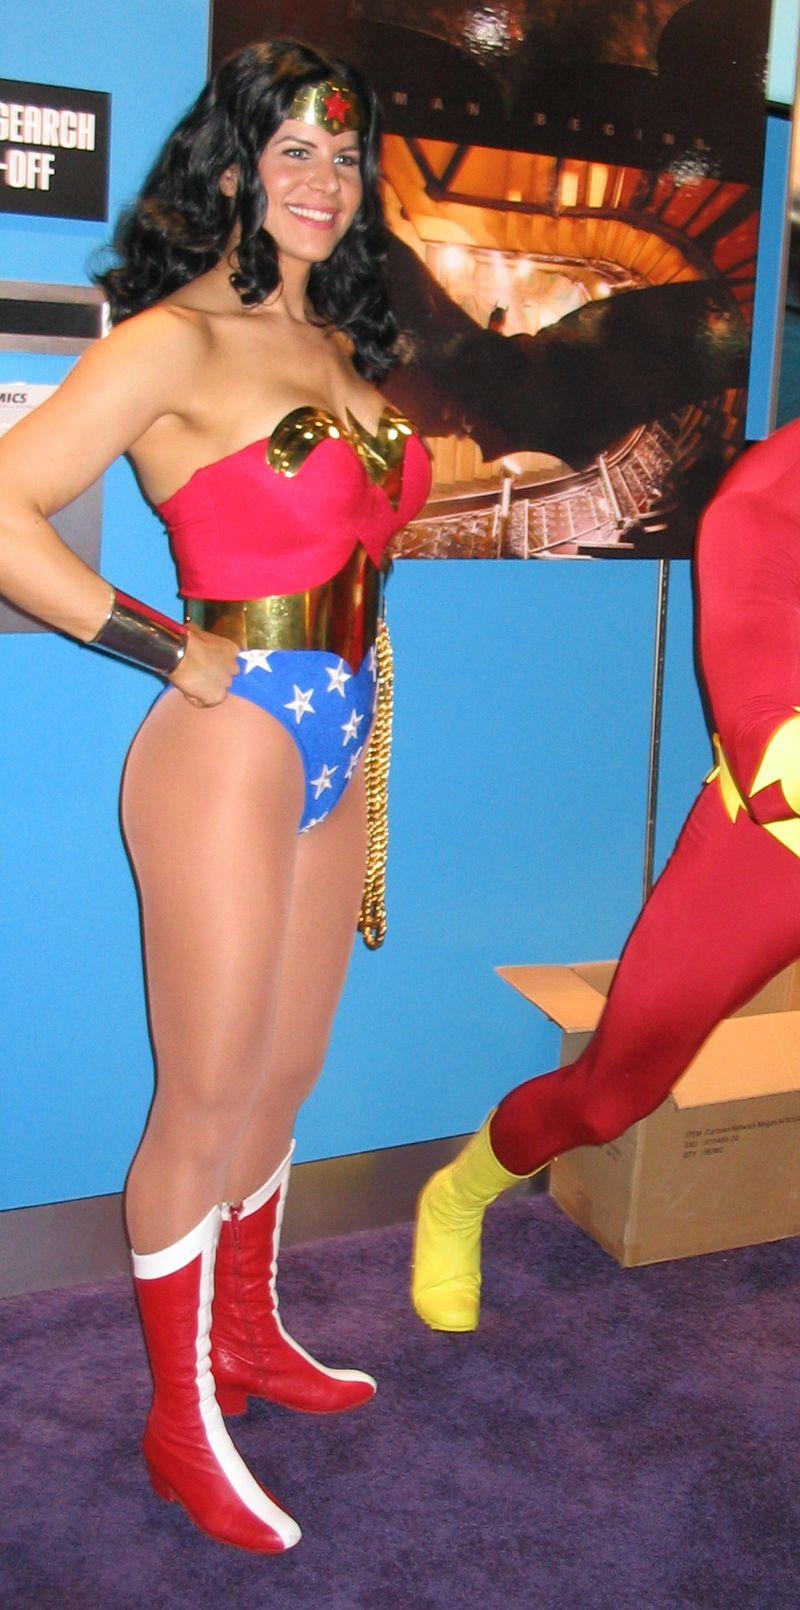 Sexy Wonder Woman Pictures X | LAS ASALTA CUNAS….. ESTAS NOMAS TE TUMBABAN EL LONCHE Y SI PODIAN Y ...